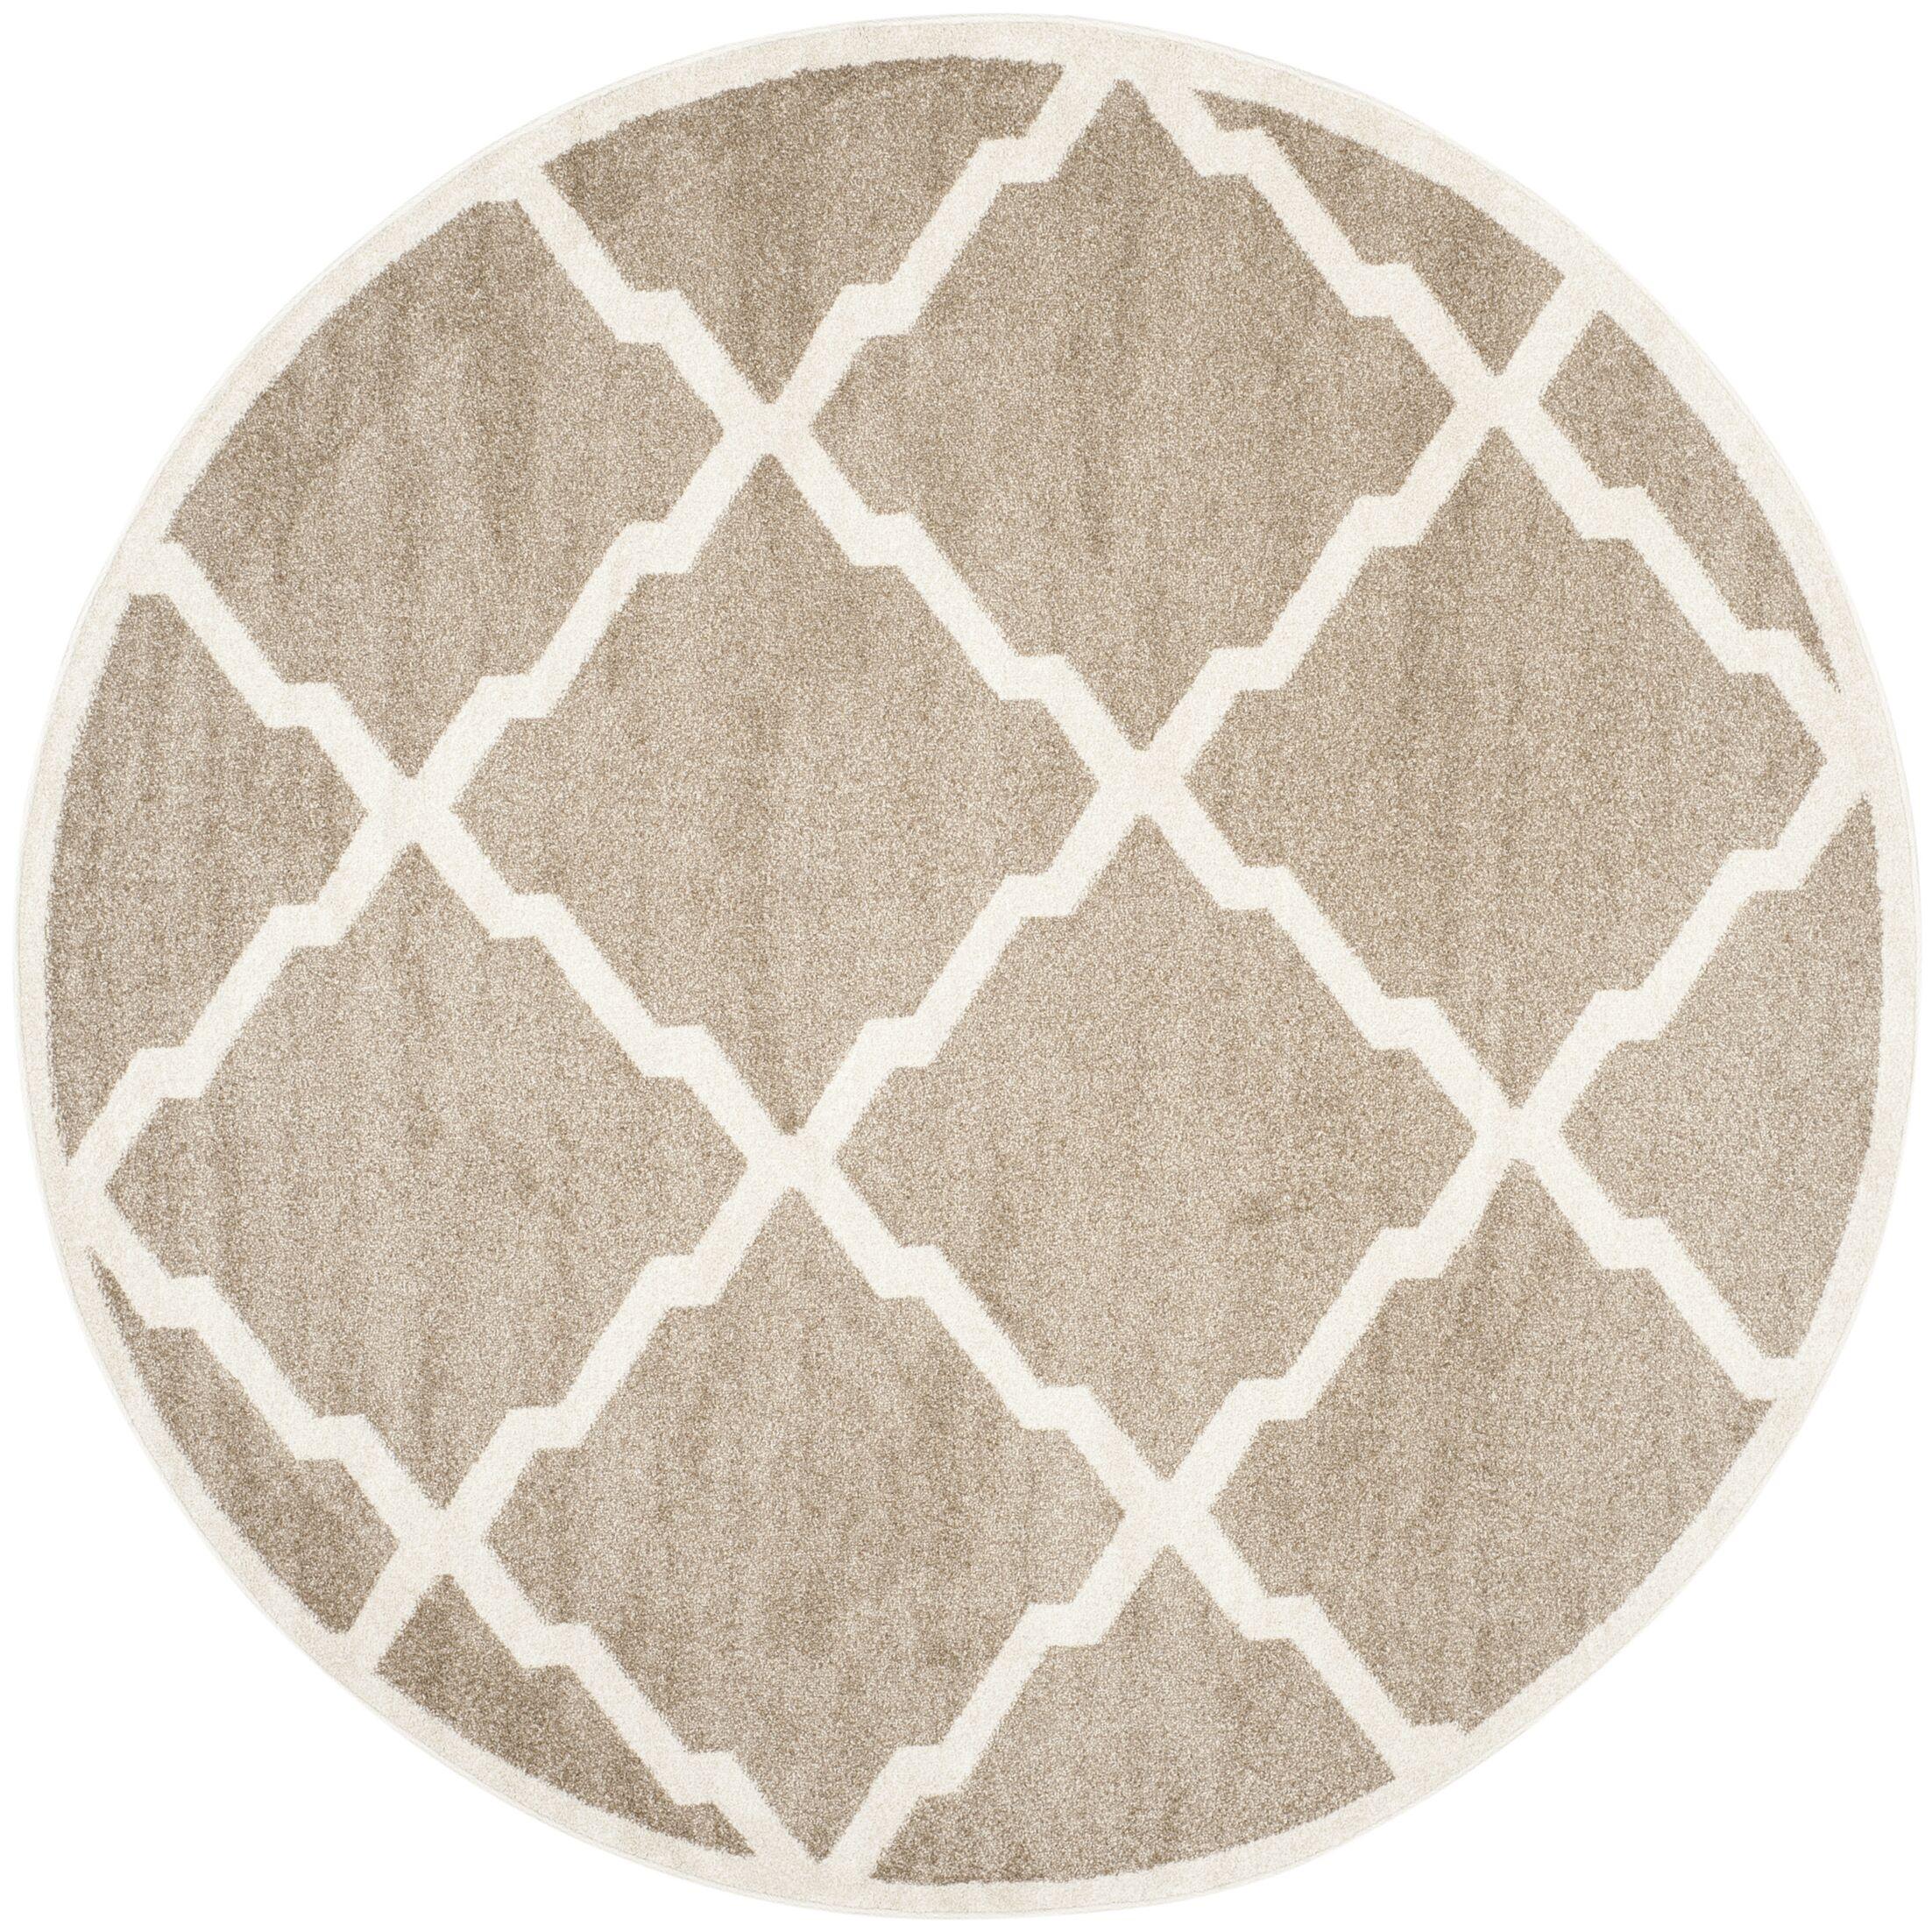 Maritza Trellis Wheat/Beige Indoor/Outdoor Area Rug Rug Size: Round 7'